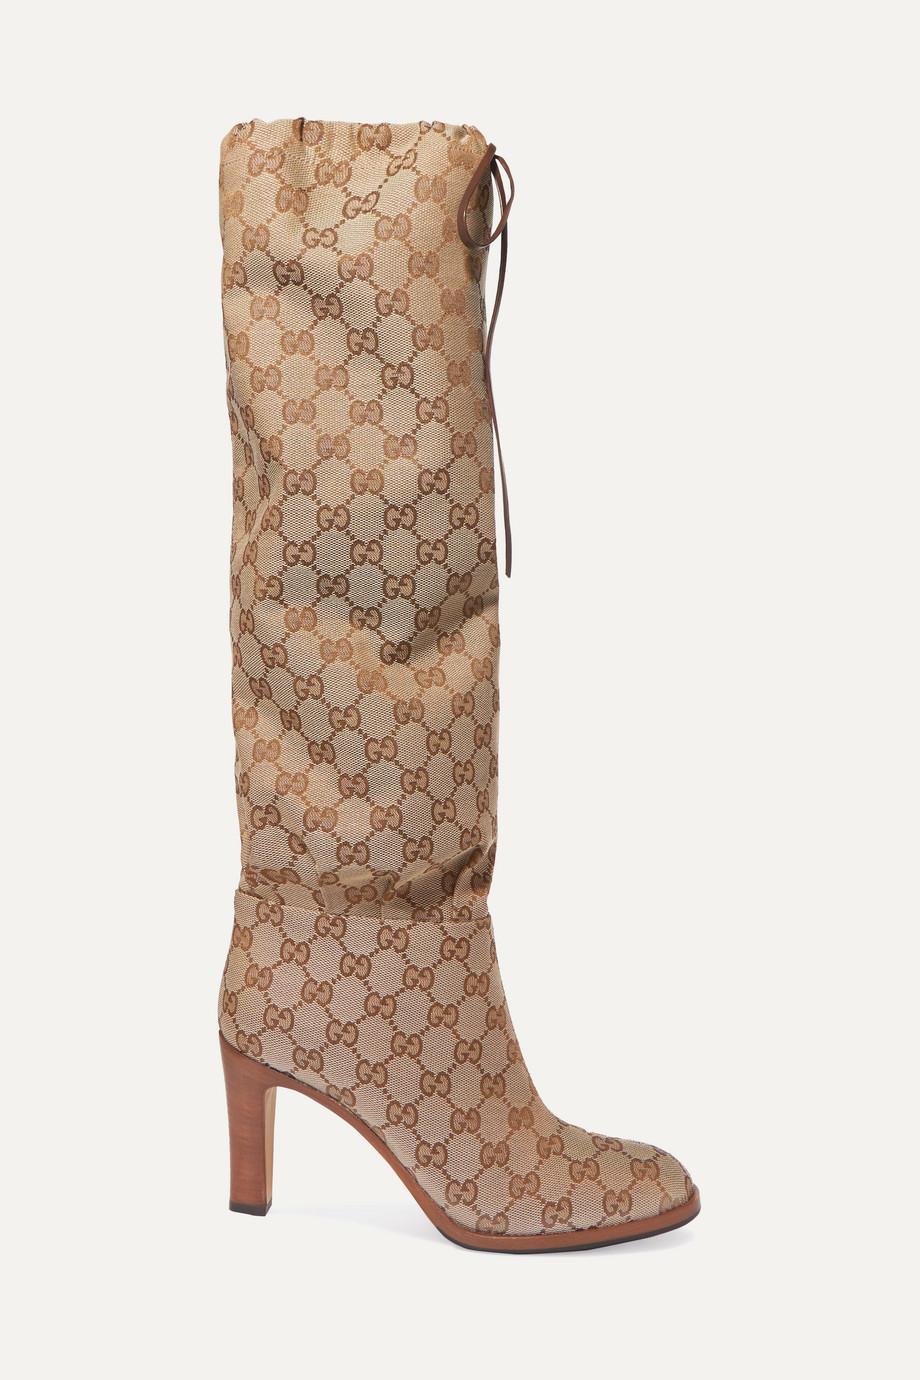 Gucci Kniehohe Stiefel aus beschichtetem Canvas mit Lederbesatz